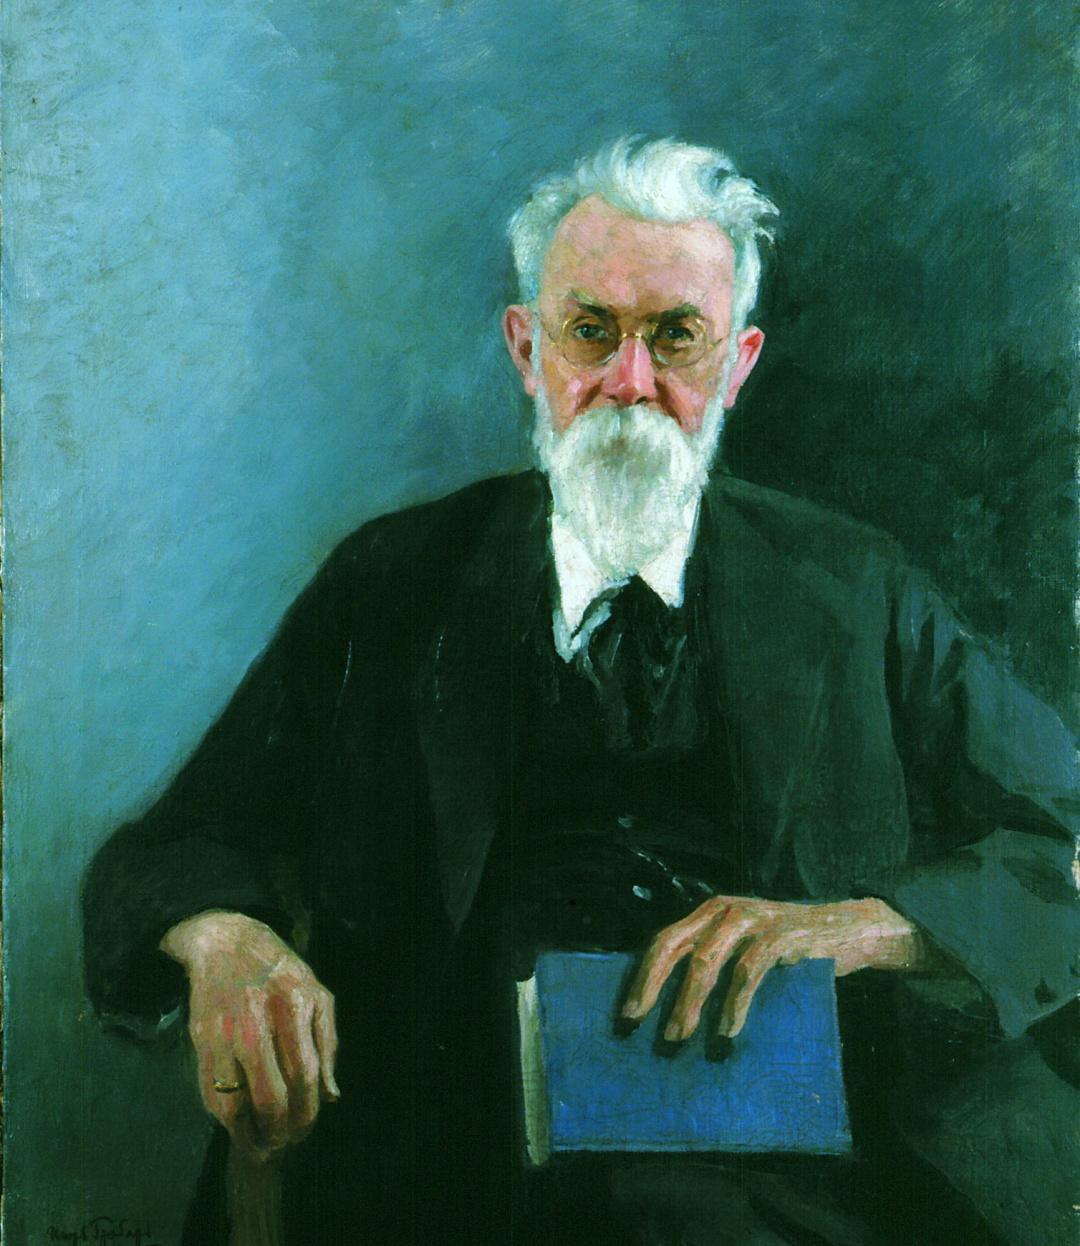 Ігор Грабар, Портрет Володисира Івановича Вернадського, 1935 р. 1